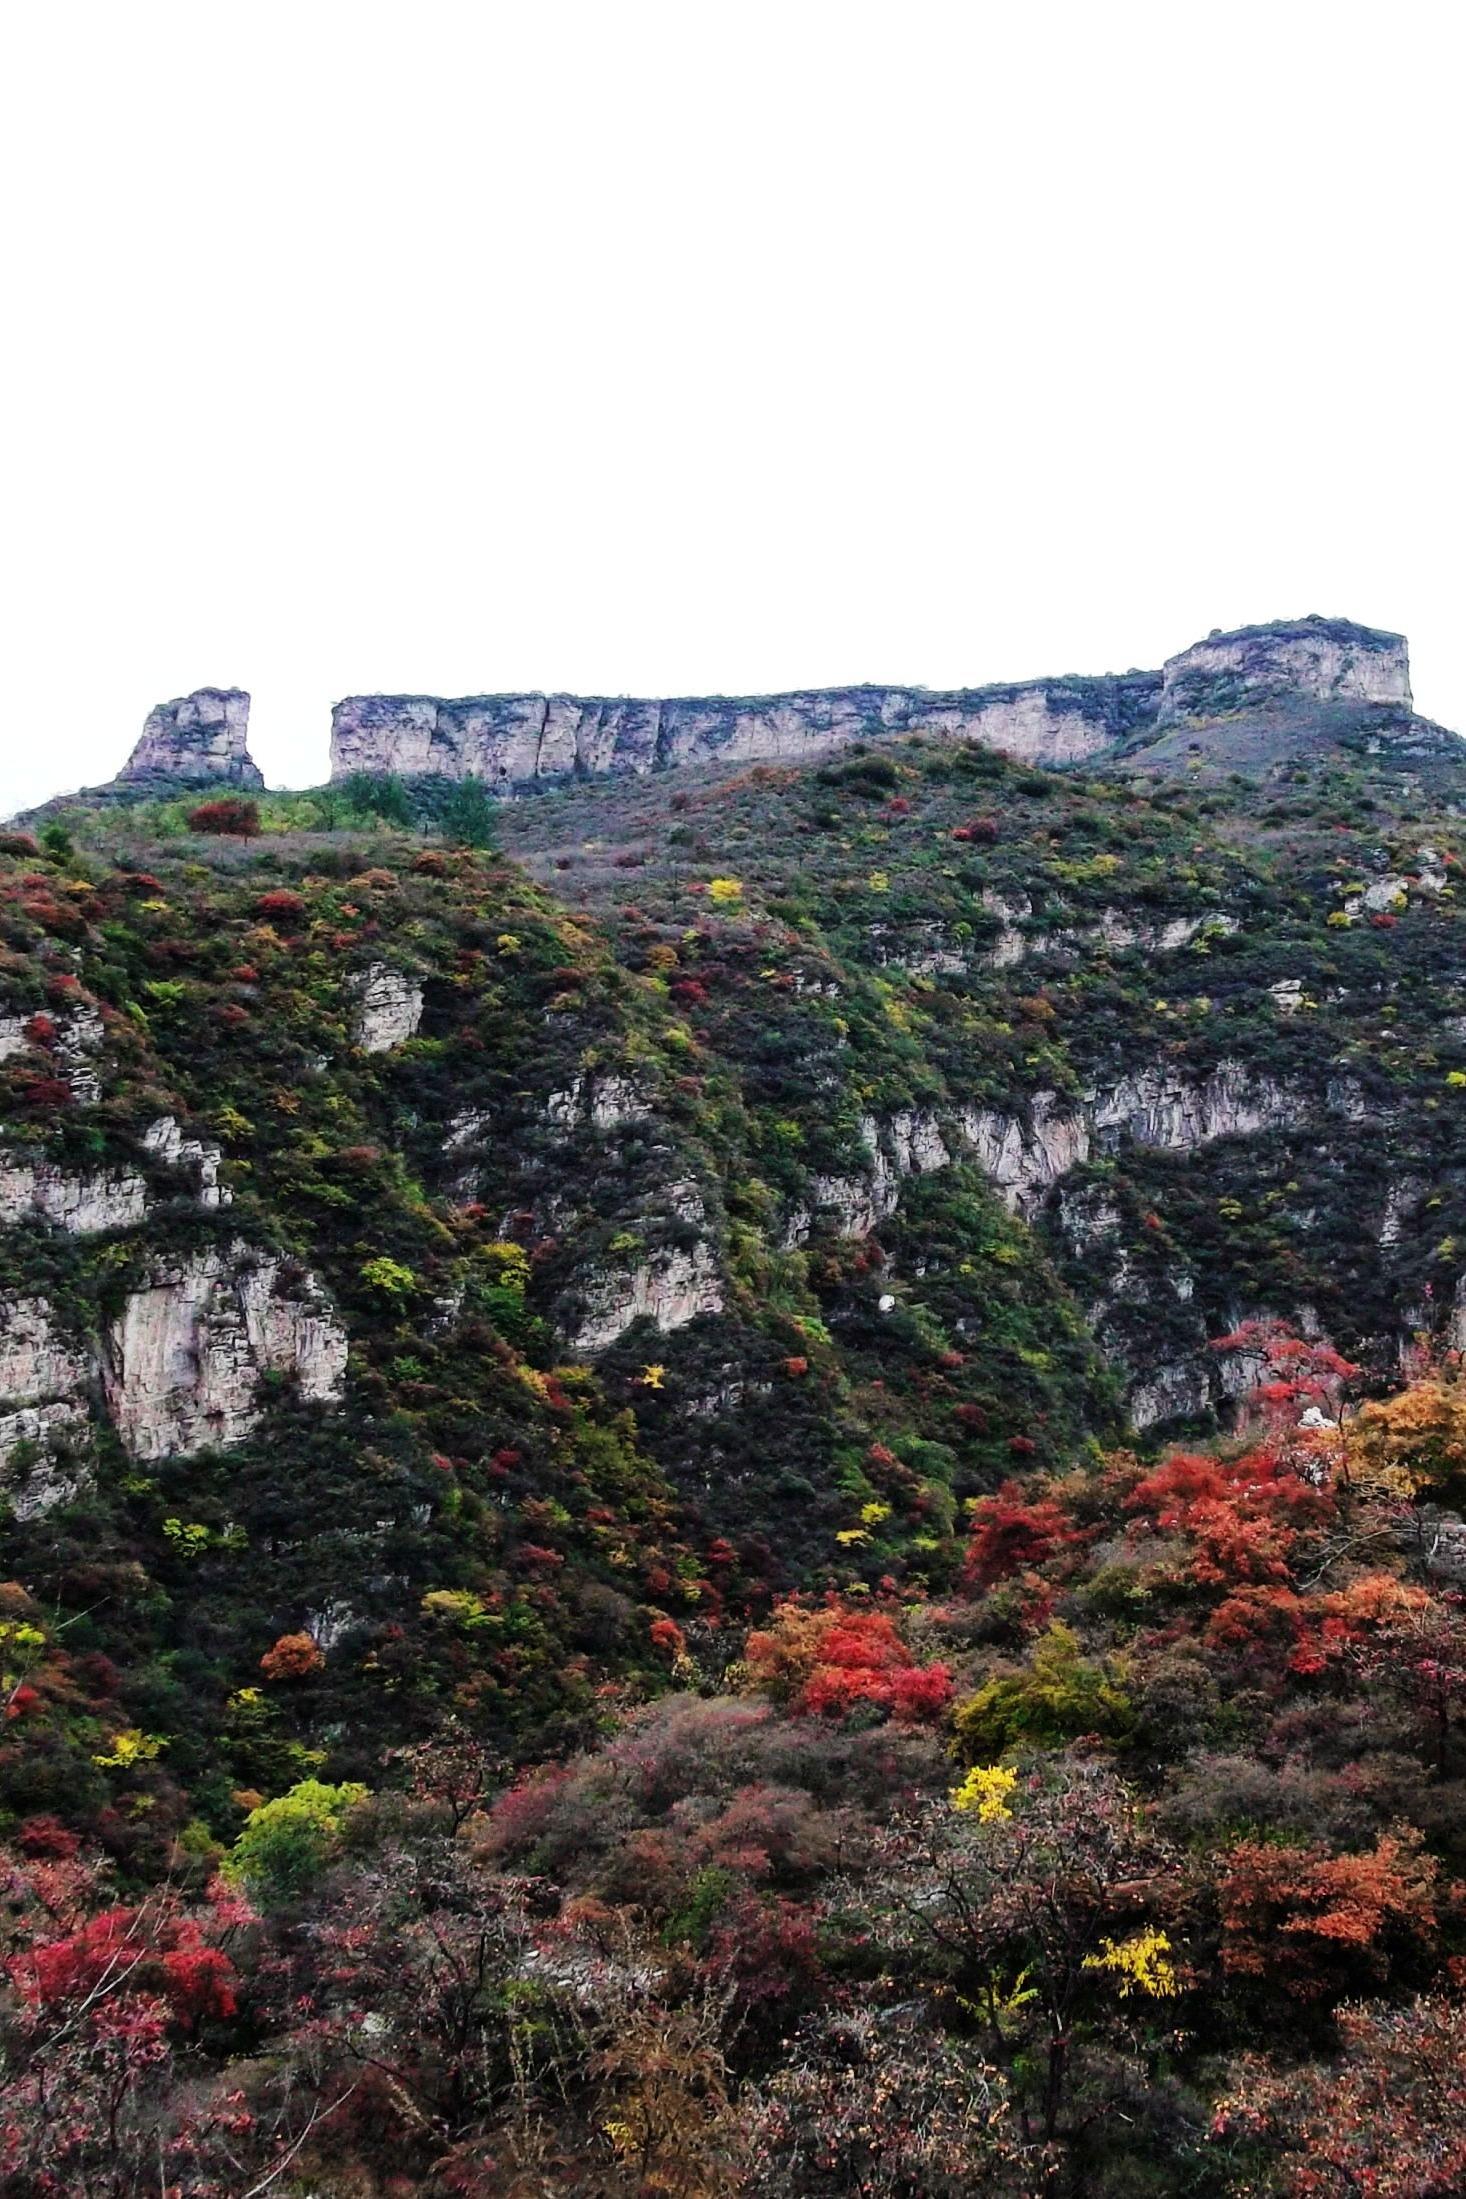 【诺一户外】9.10坡峰岭-棺材山-圣水峪一日穿越